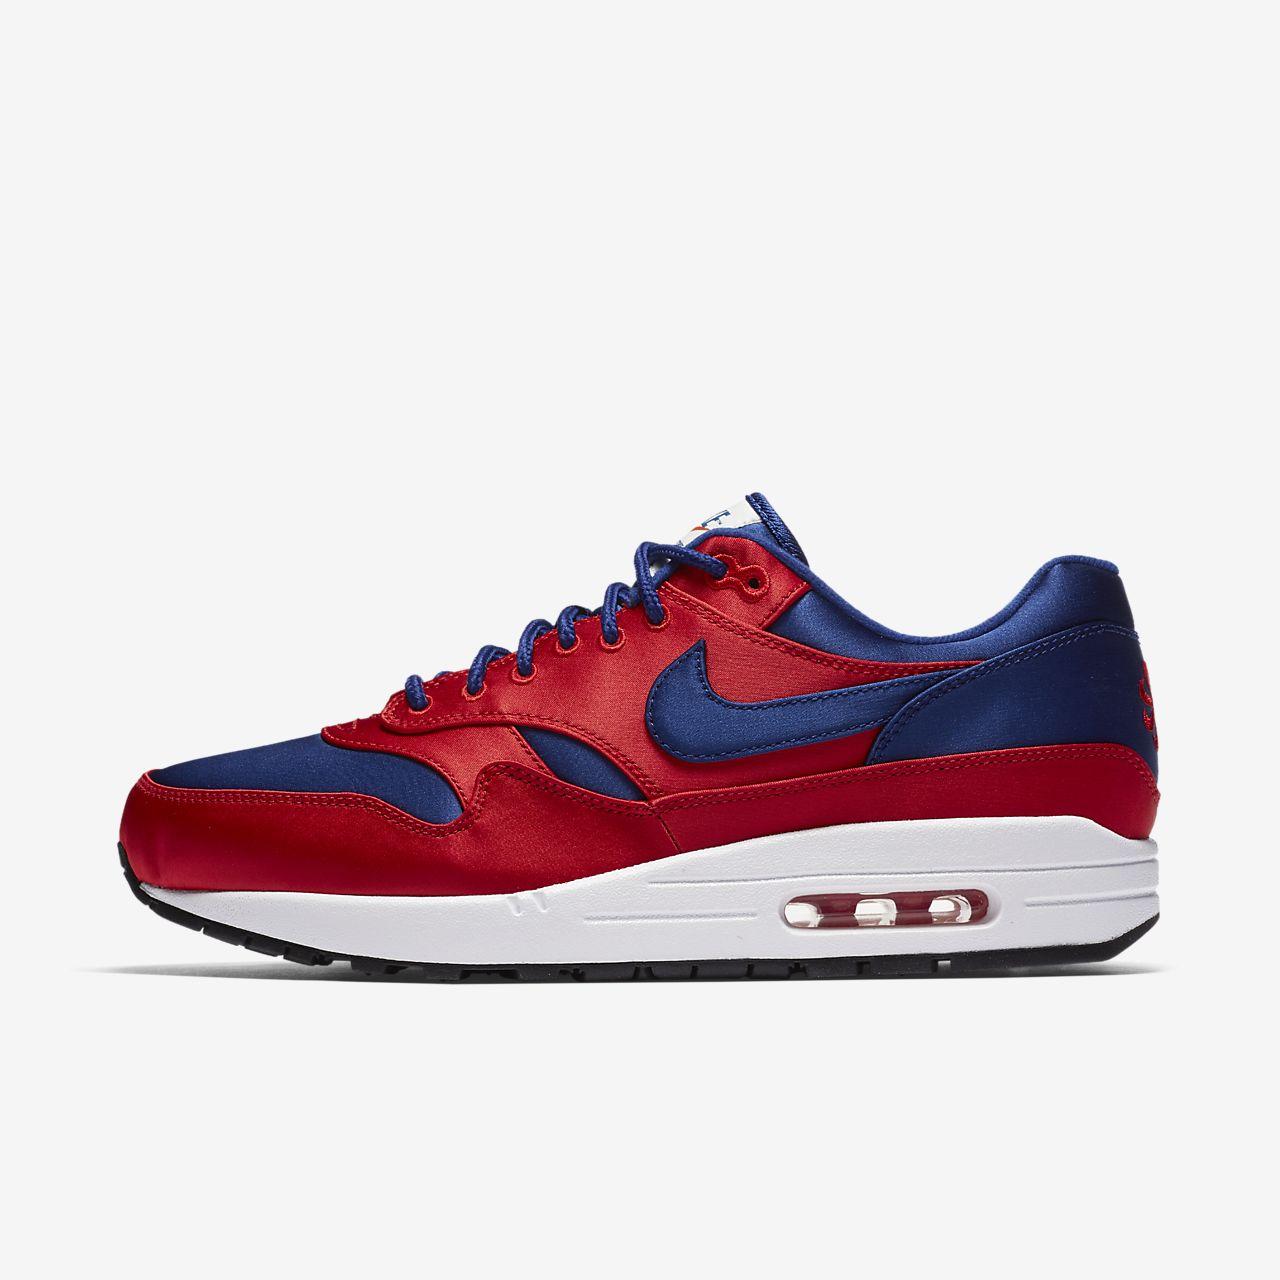 Chaussure Se Max Nike Homme 1 Air Pour Fr pR8wrpq